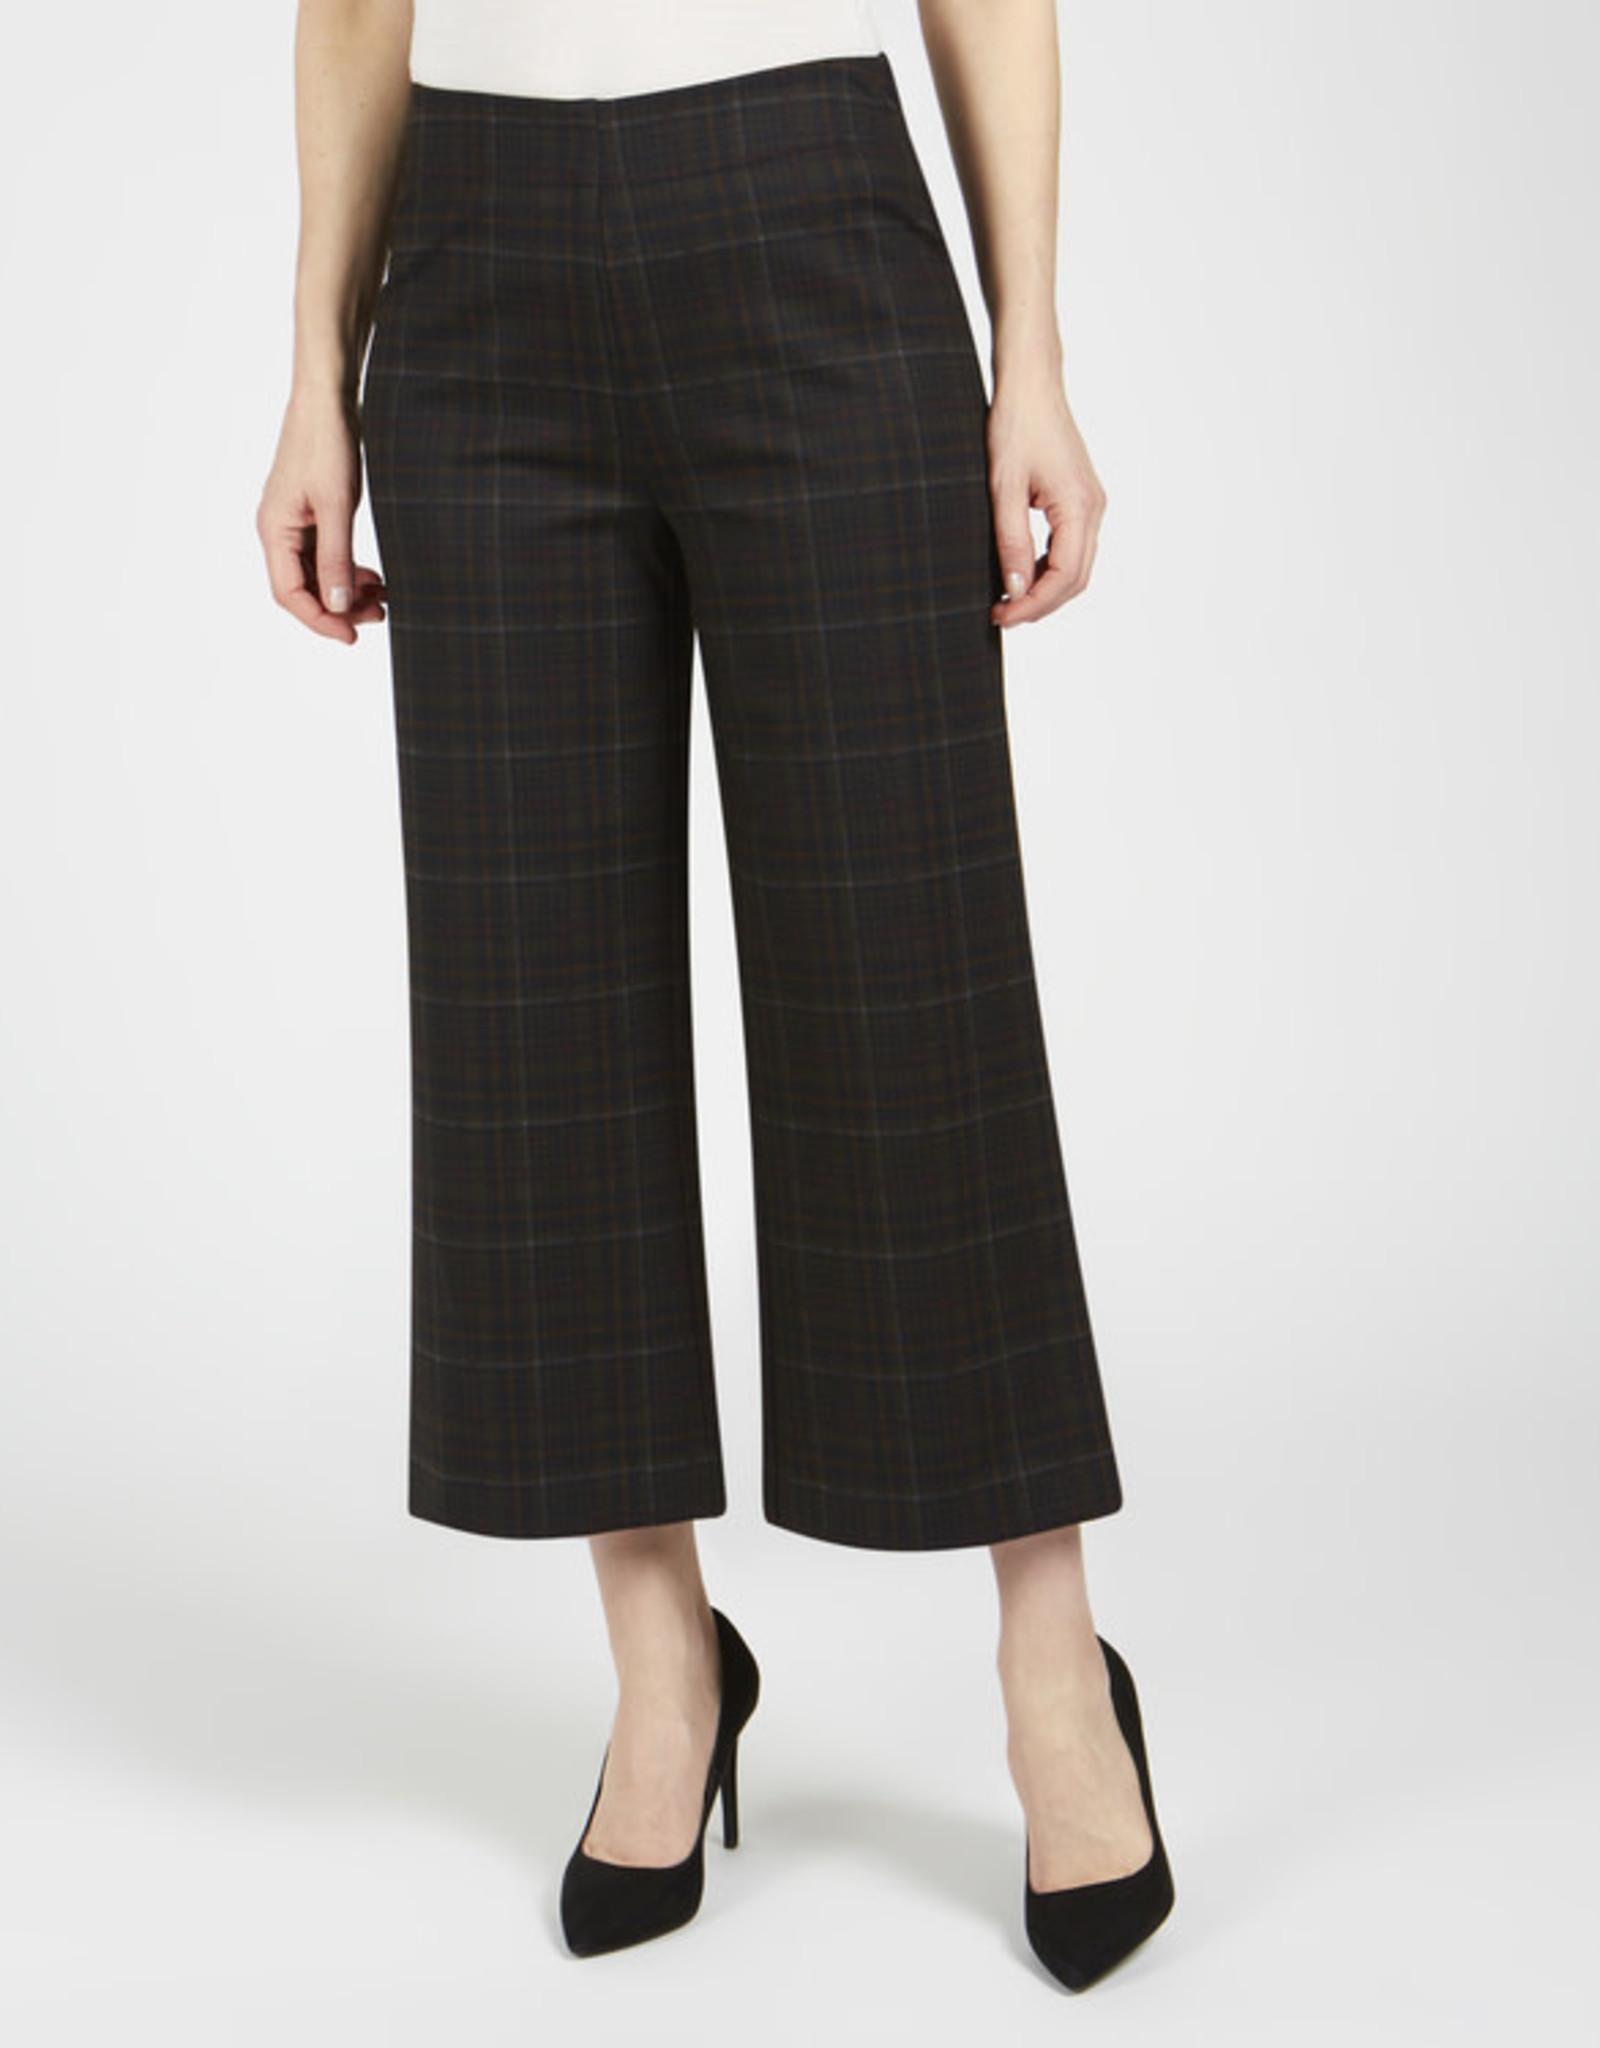 Pull-On Plaid Gaucho Pants